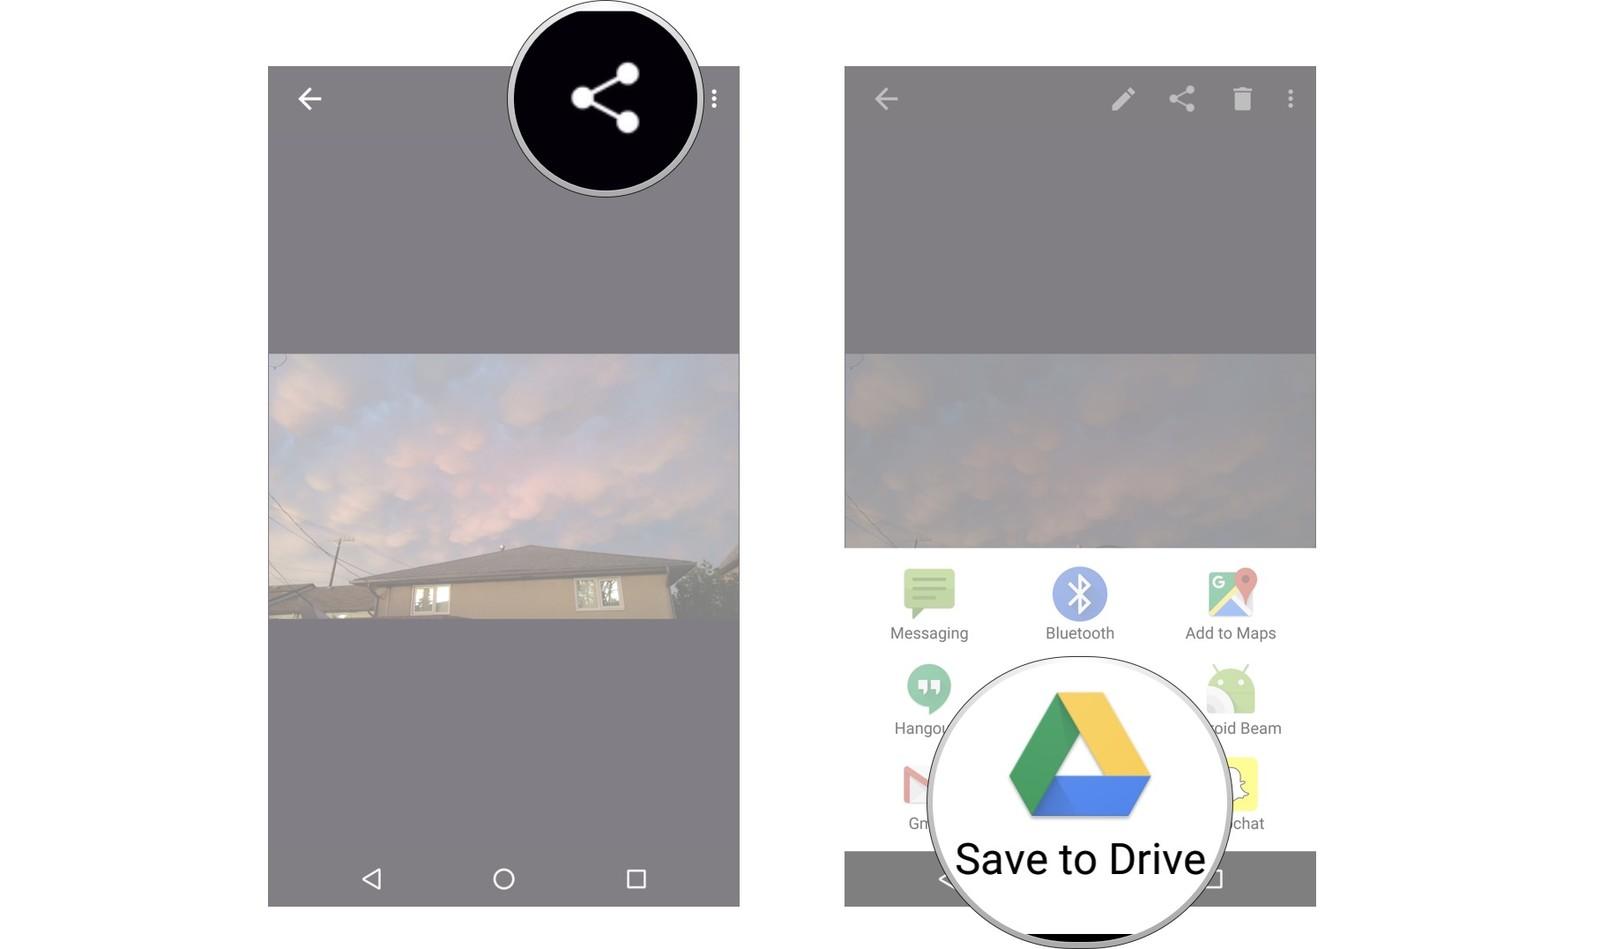 podrobnaya-instrukciya-po-ispolzovaniyu-google-drive-zagruzka-fajjlov-1